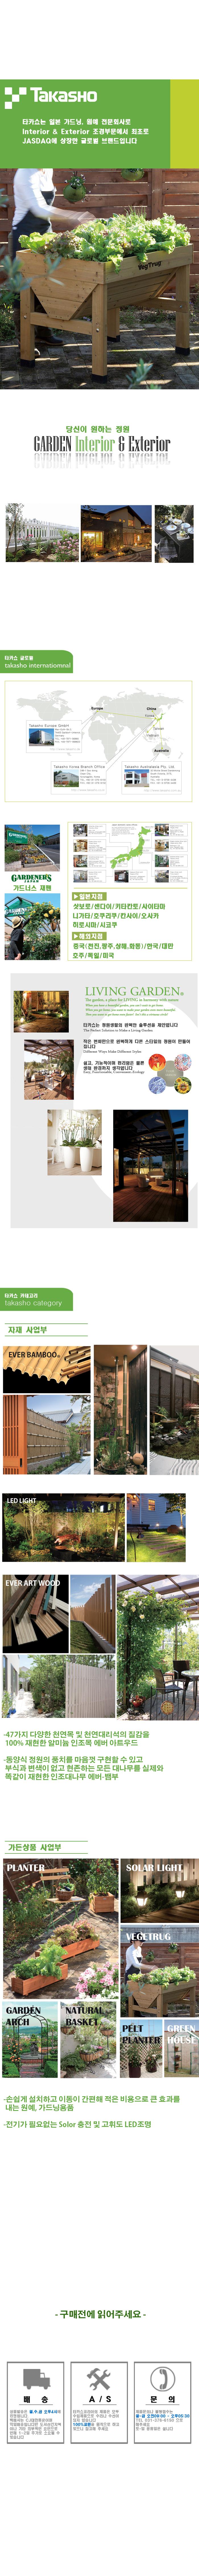 로즈 가든 테이블 세트 (화이트) - 타카쇼, 275,000원, DIY 책상/의자, DIY 책상/테이블